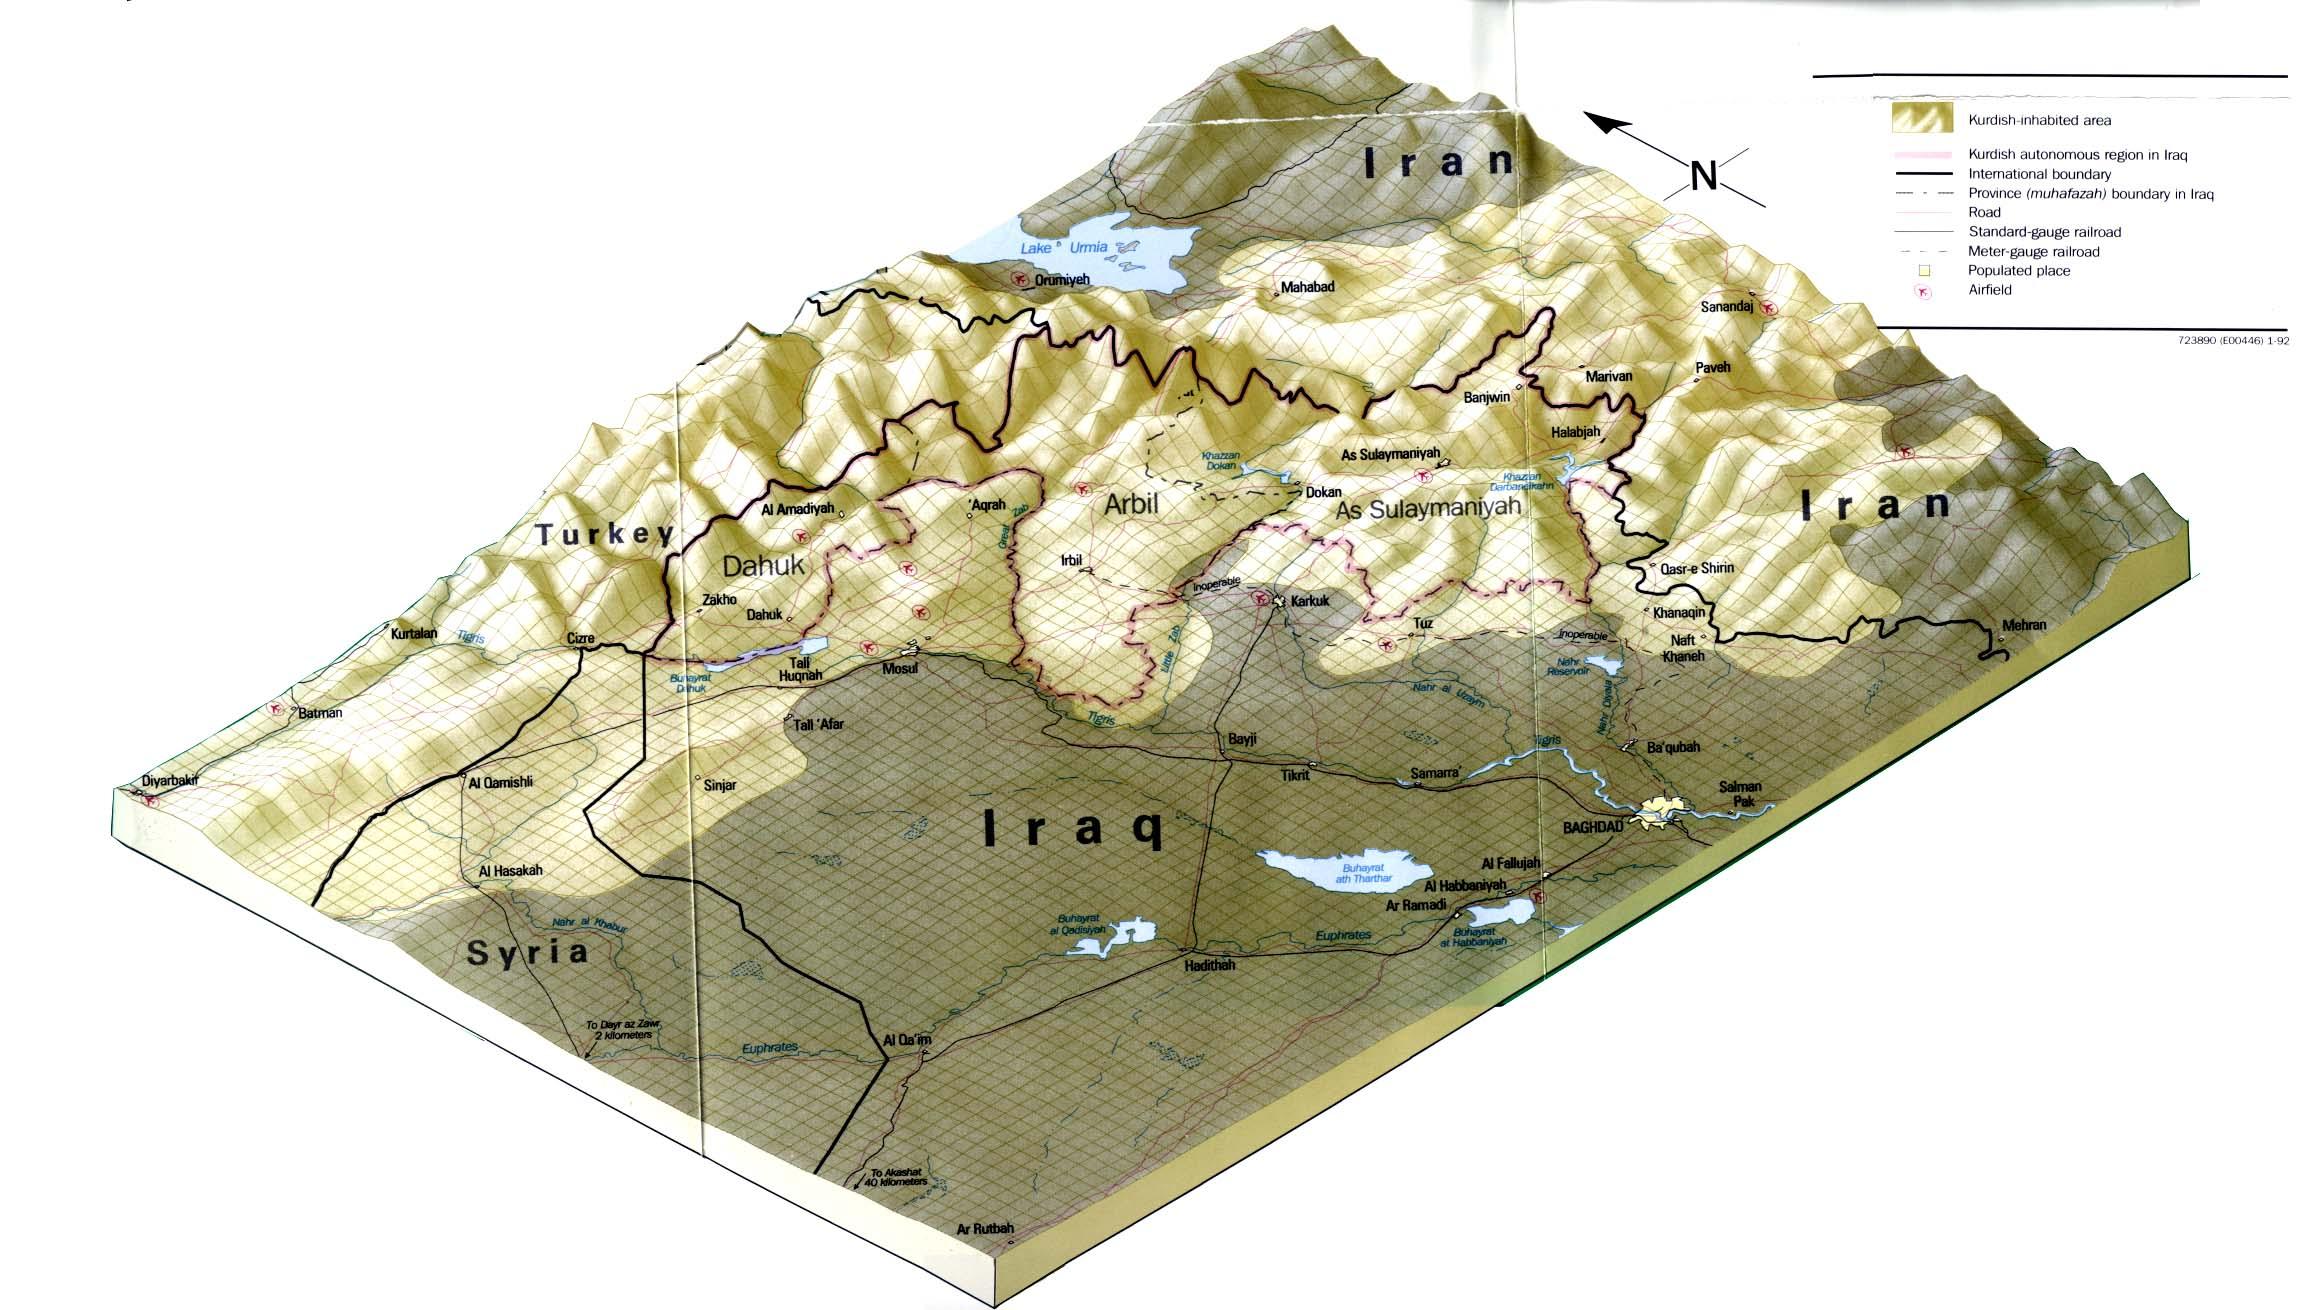 Región habitada por los kurdos 1992